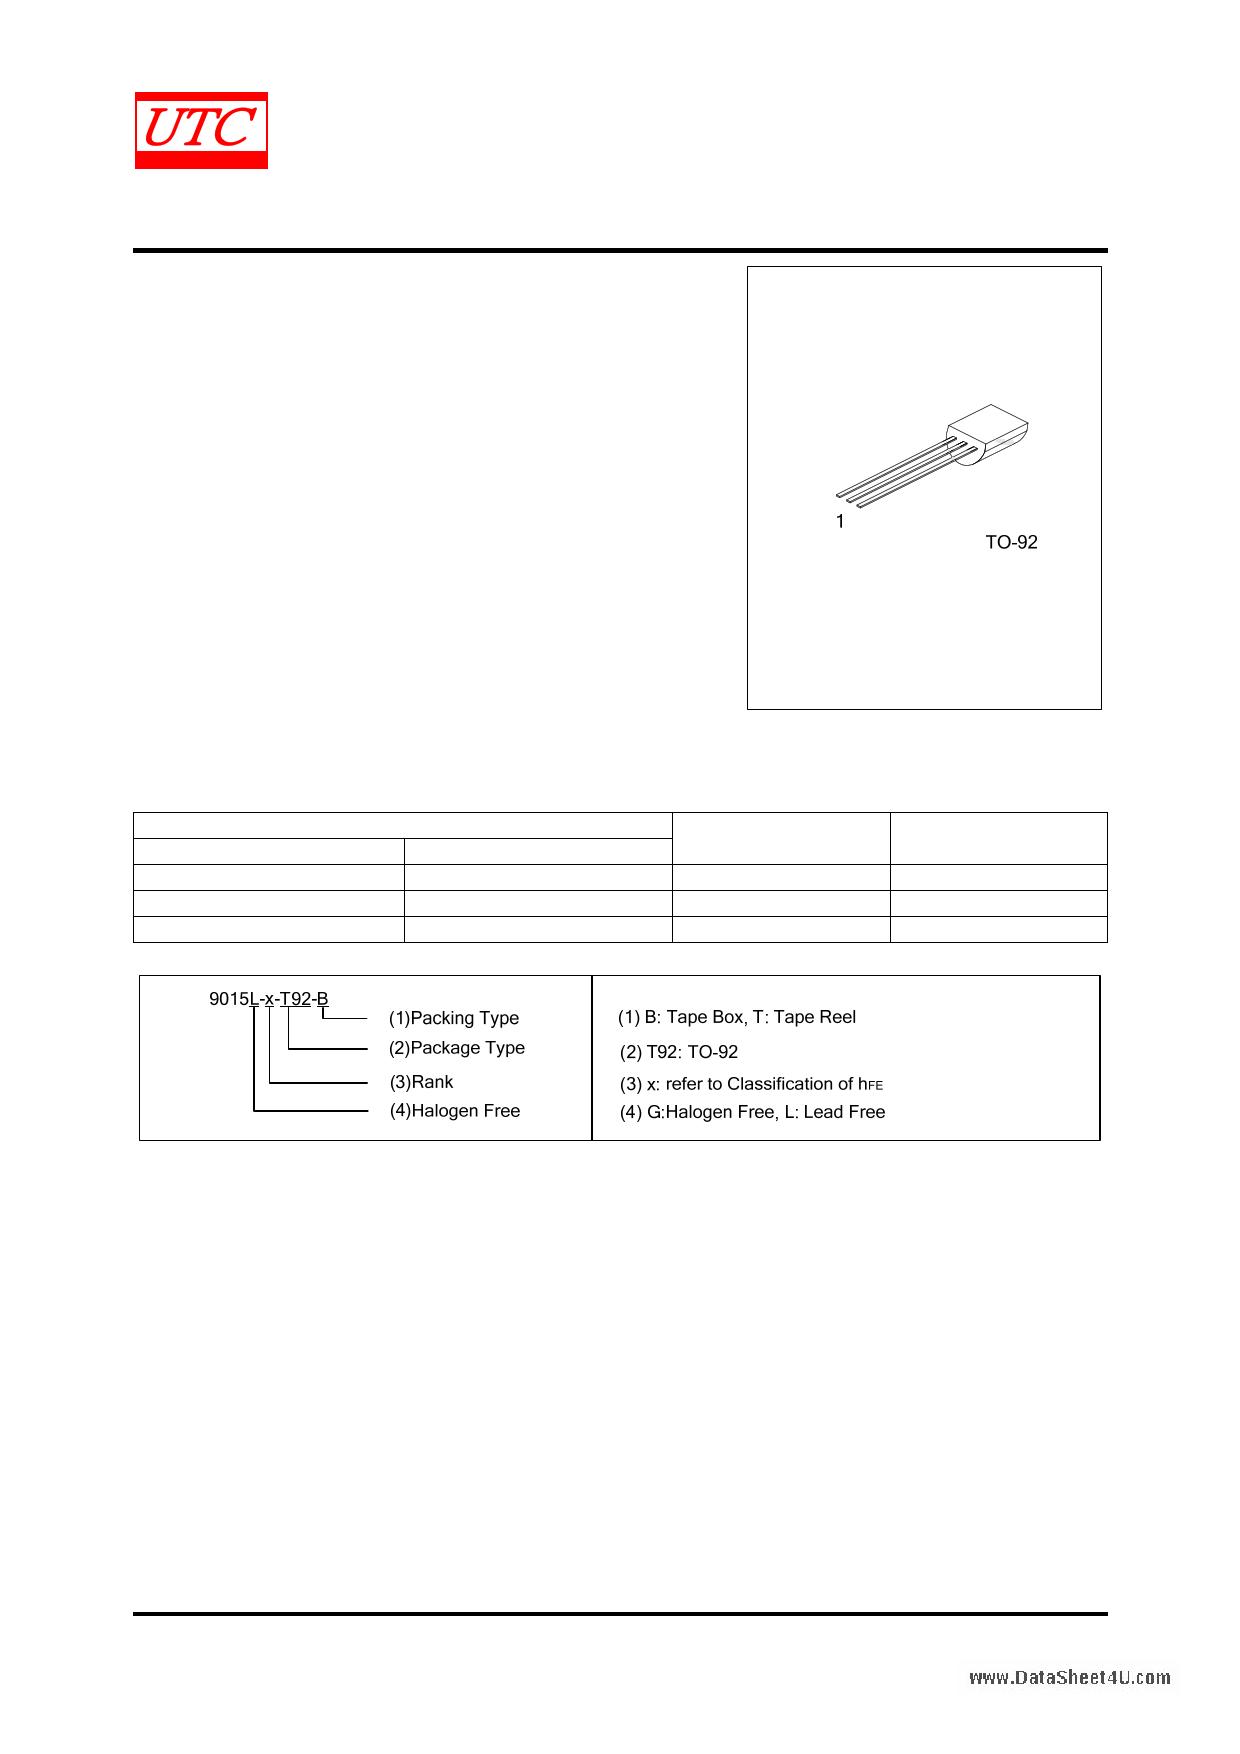 9015 datasheet